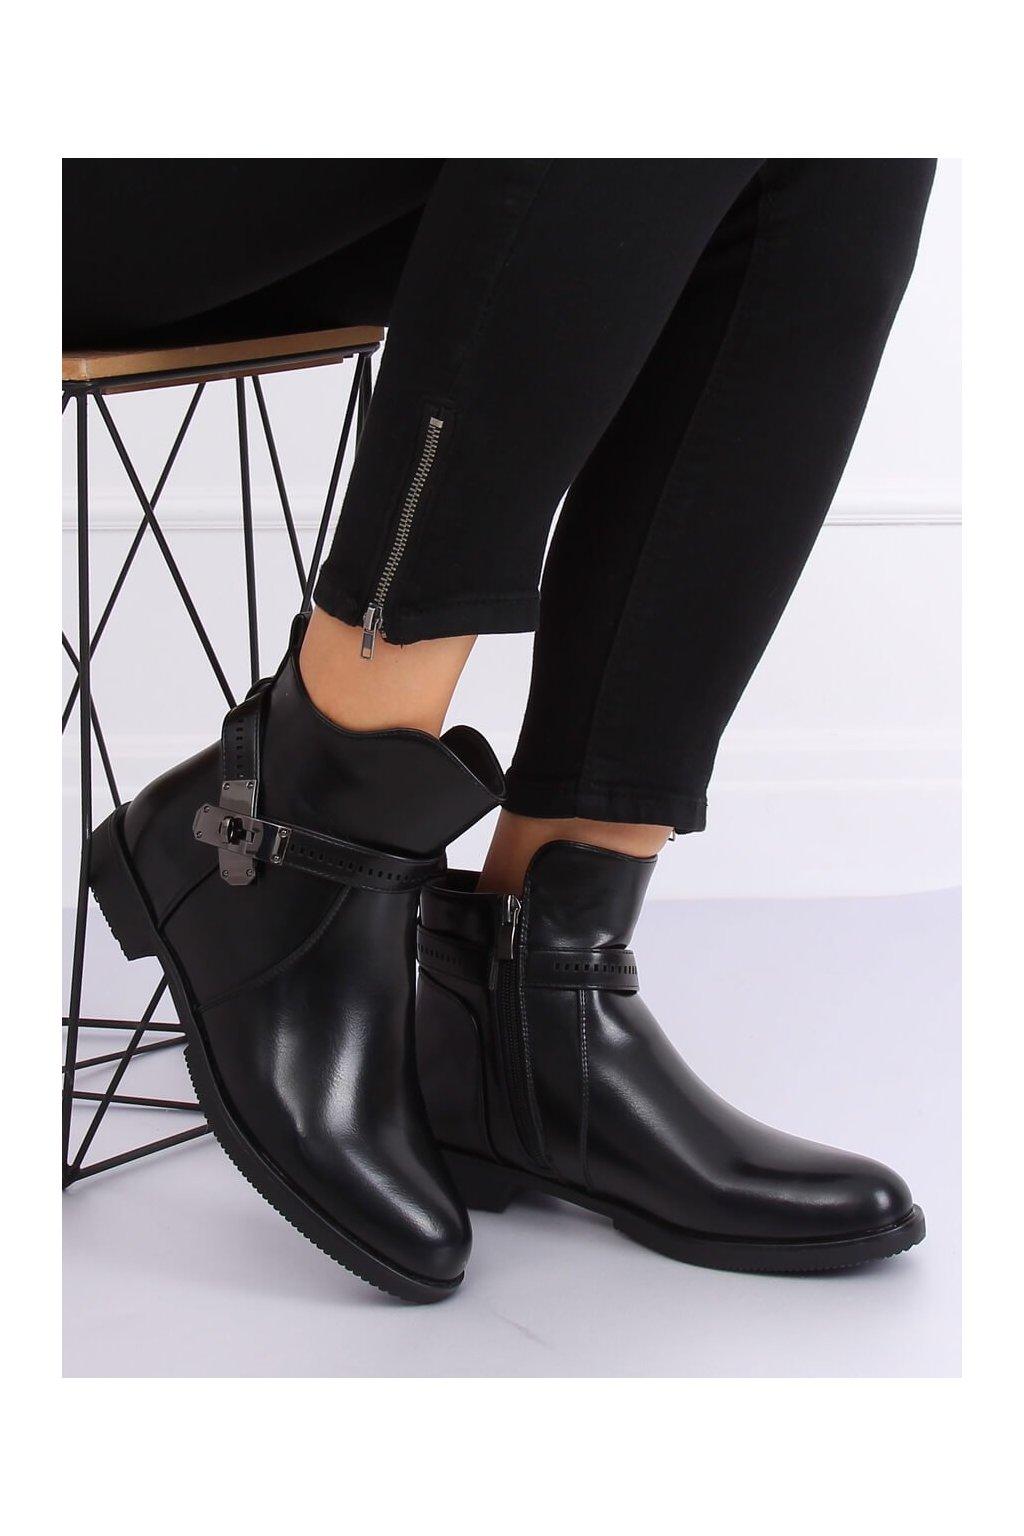 Dámske členkové topánky čierne na plochom podpätku B11003